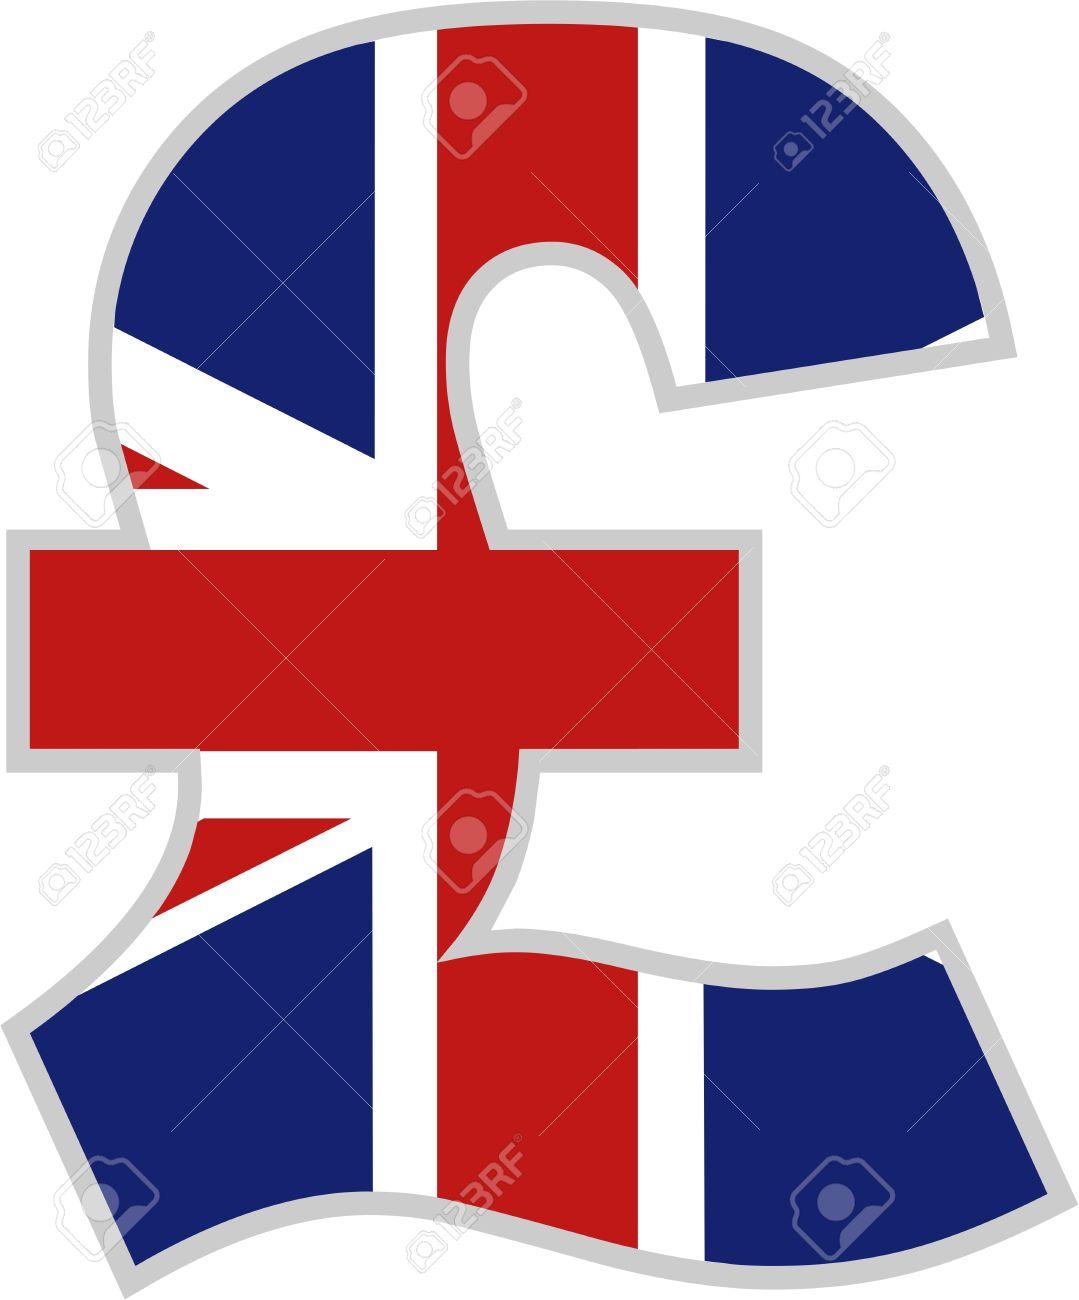 British pound symbol with union jack flag design stock photo british pound symbol with union jack flag design stock photo 2527779 buycottarizona